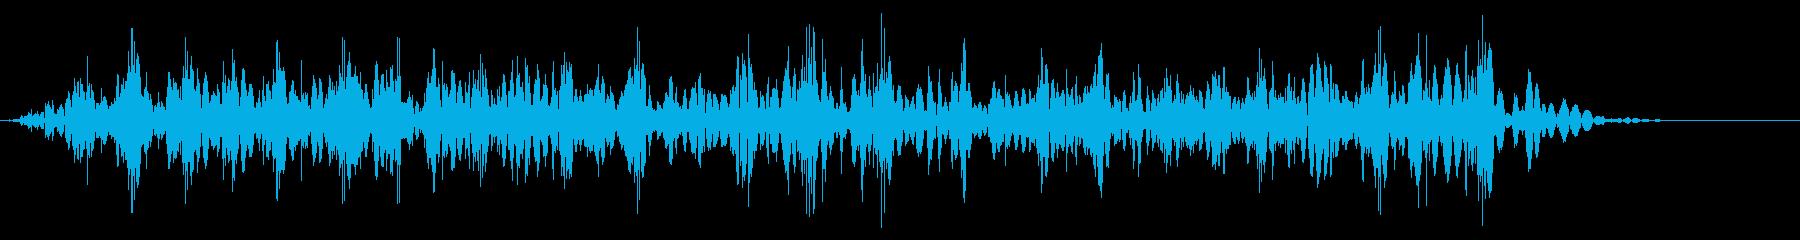 スライムなどが蠢く音 タイプC#4の再生済みの波形